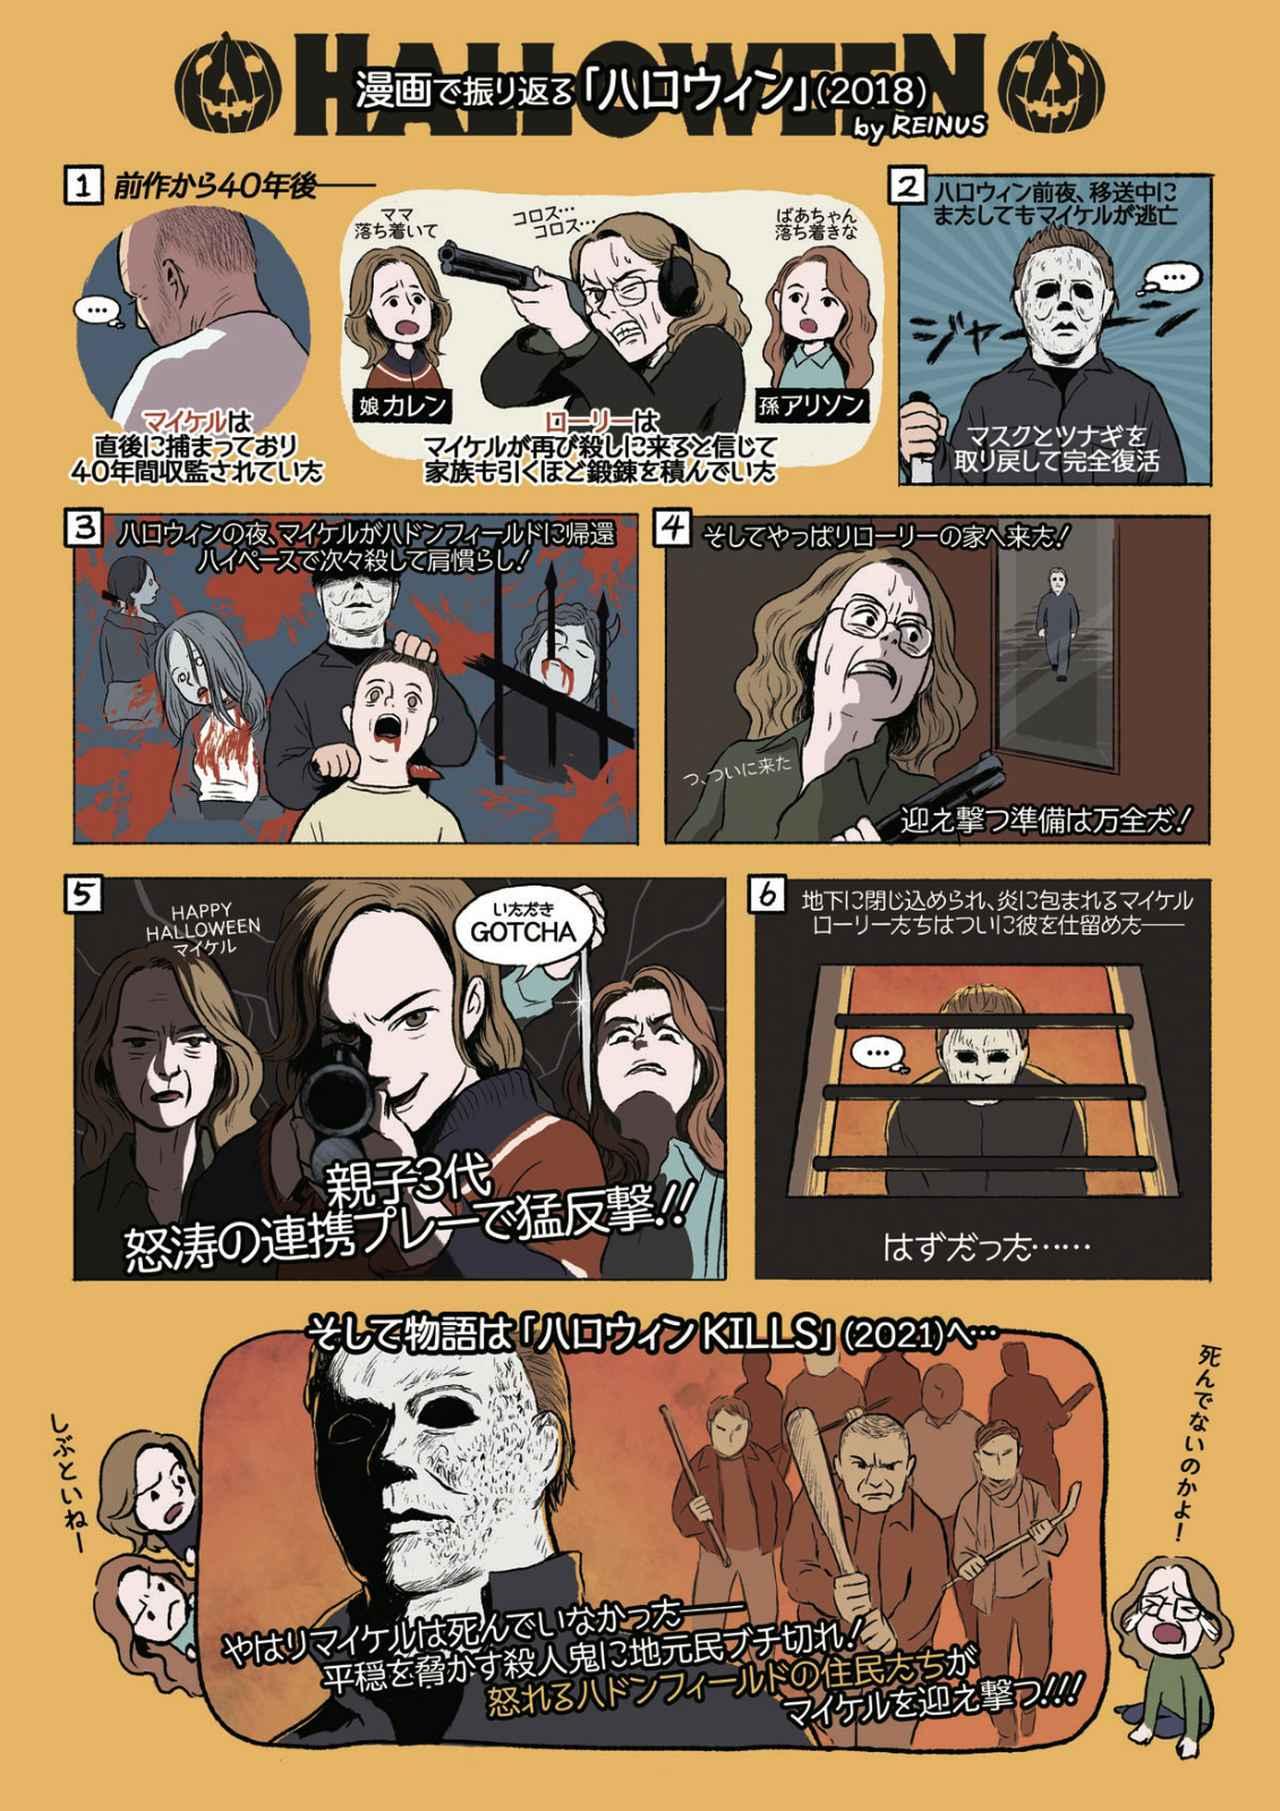 画像2: 『ハロウィン KILLS』に至るまでのストーリーをざっくり理解できる漫画